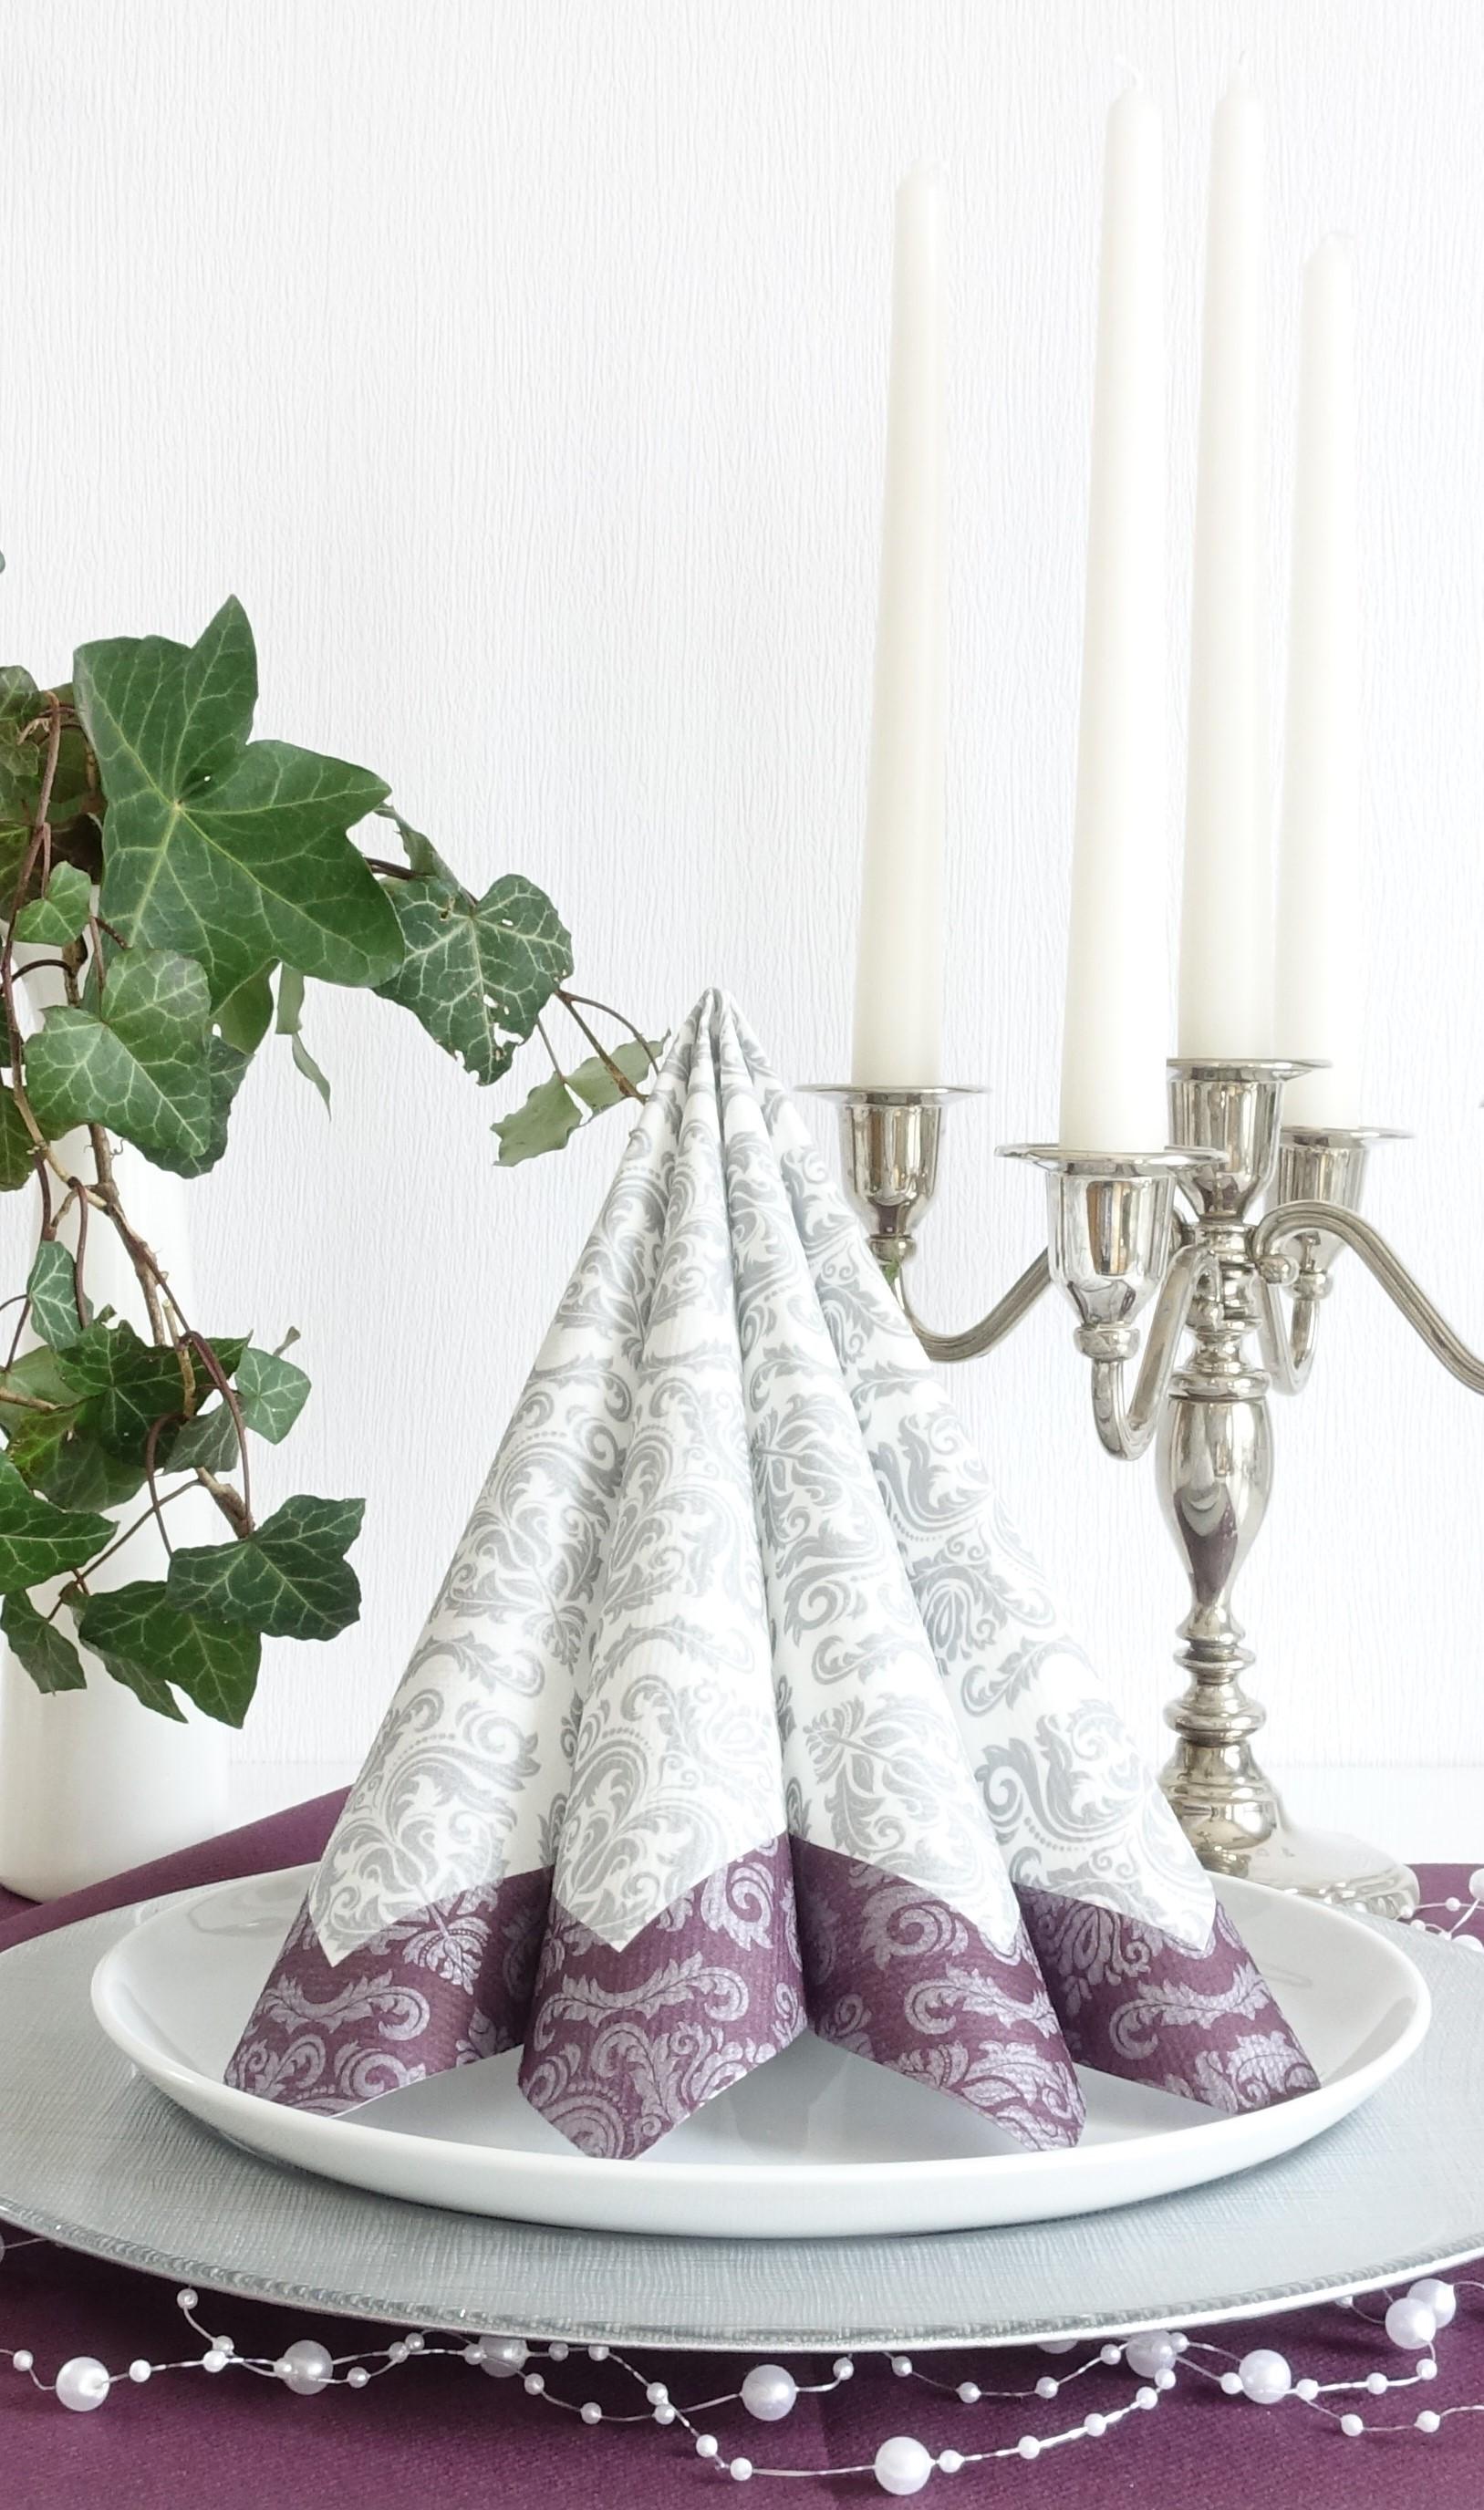 Servietten Ornament silber-lila